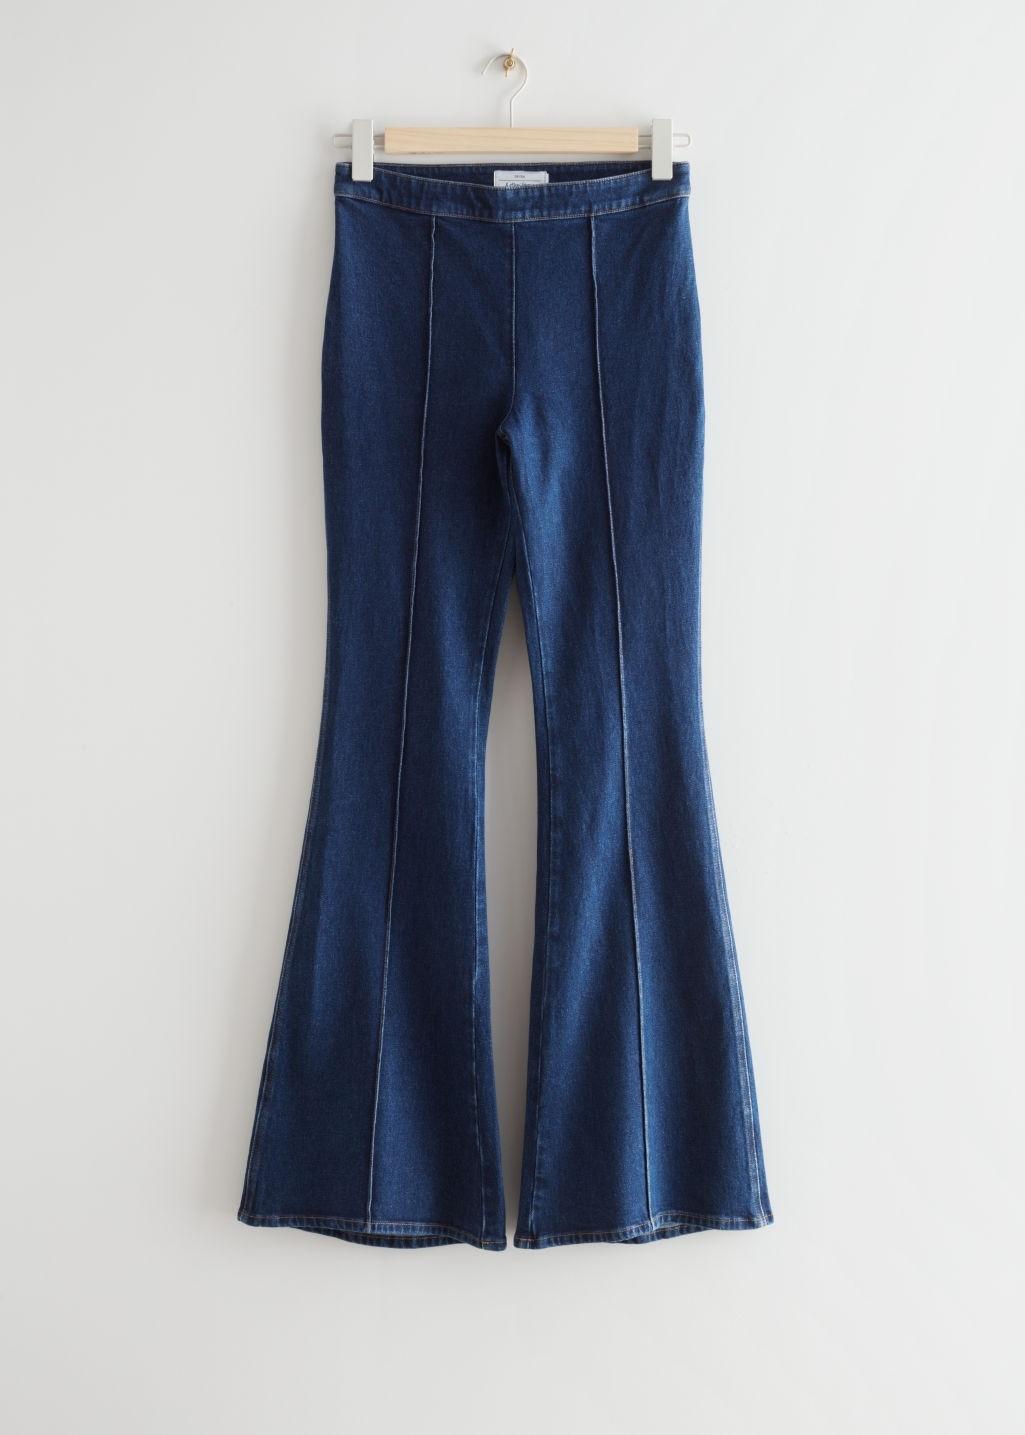 Jeans de algodón, de Other Stories.